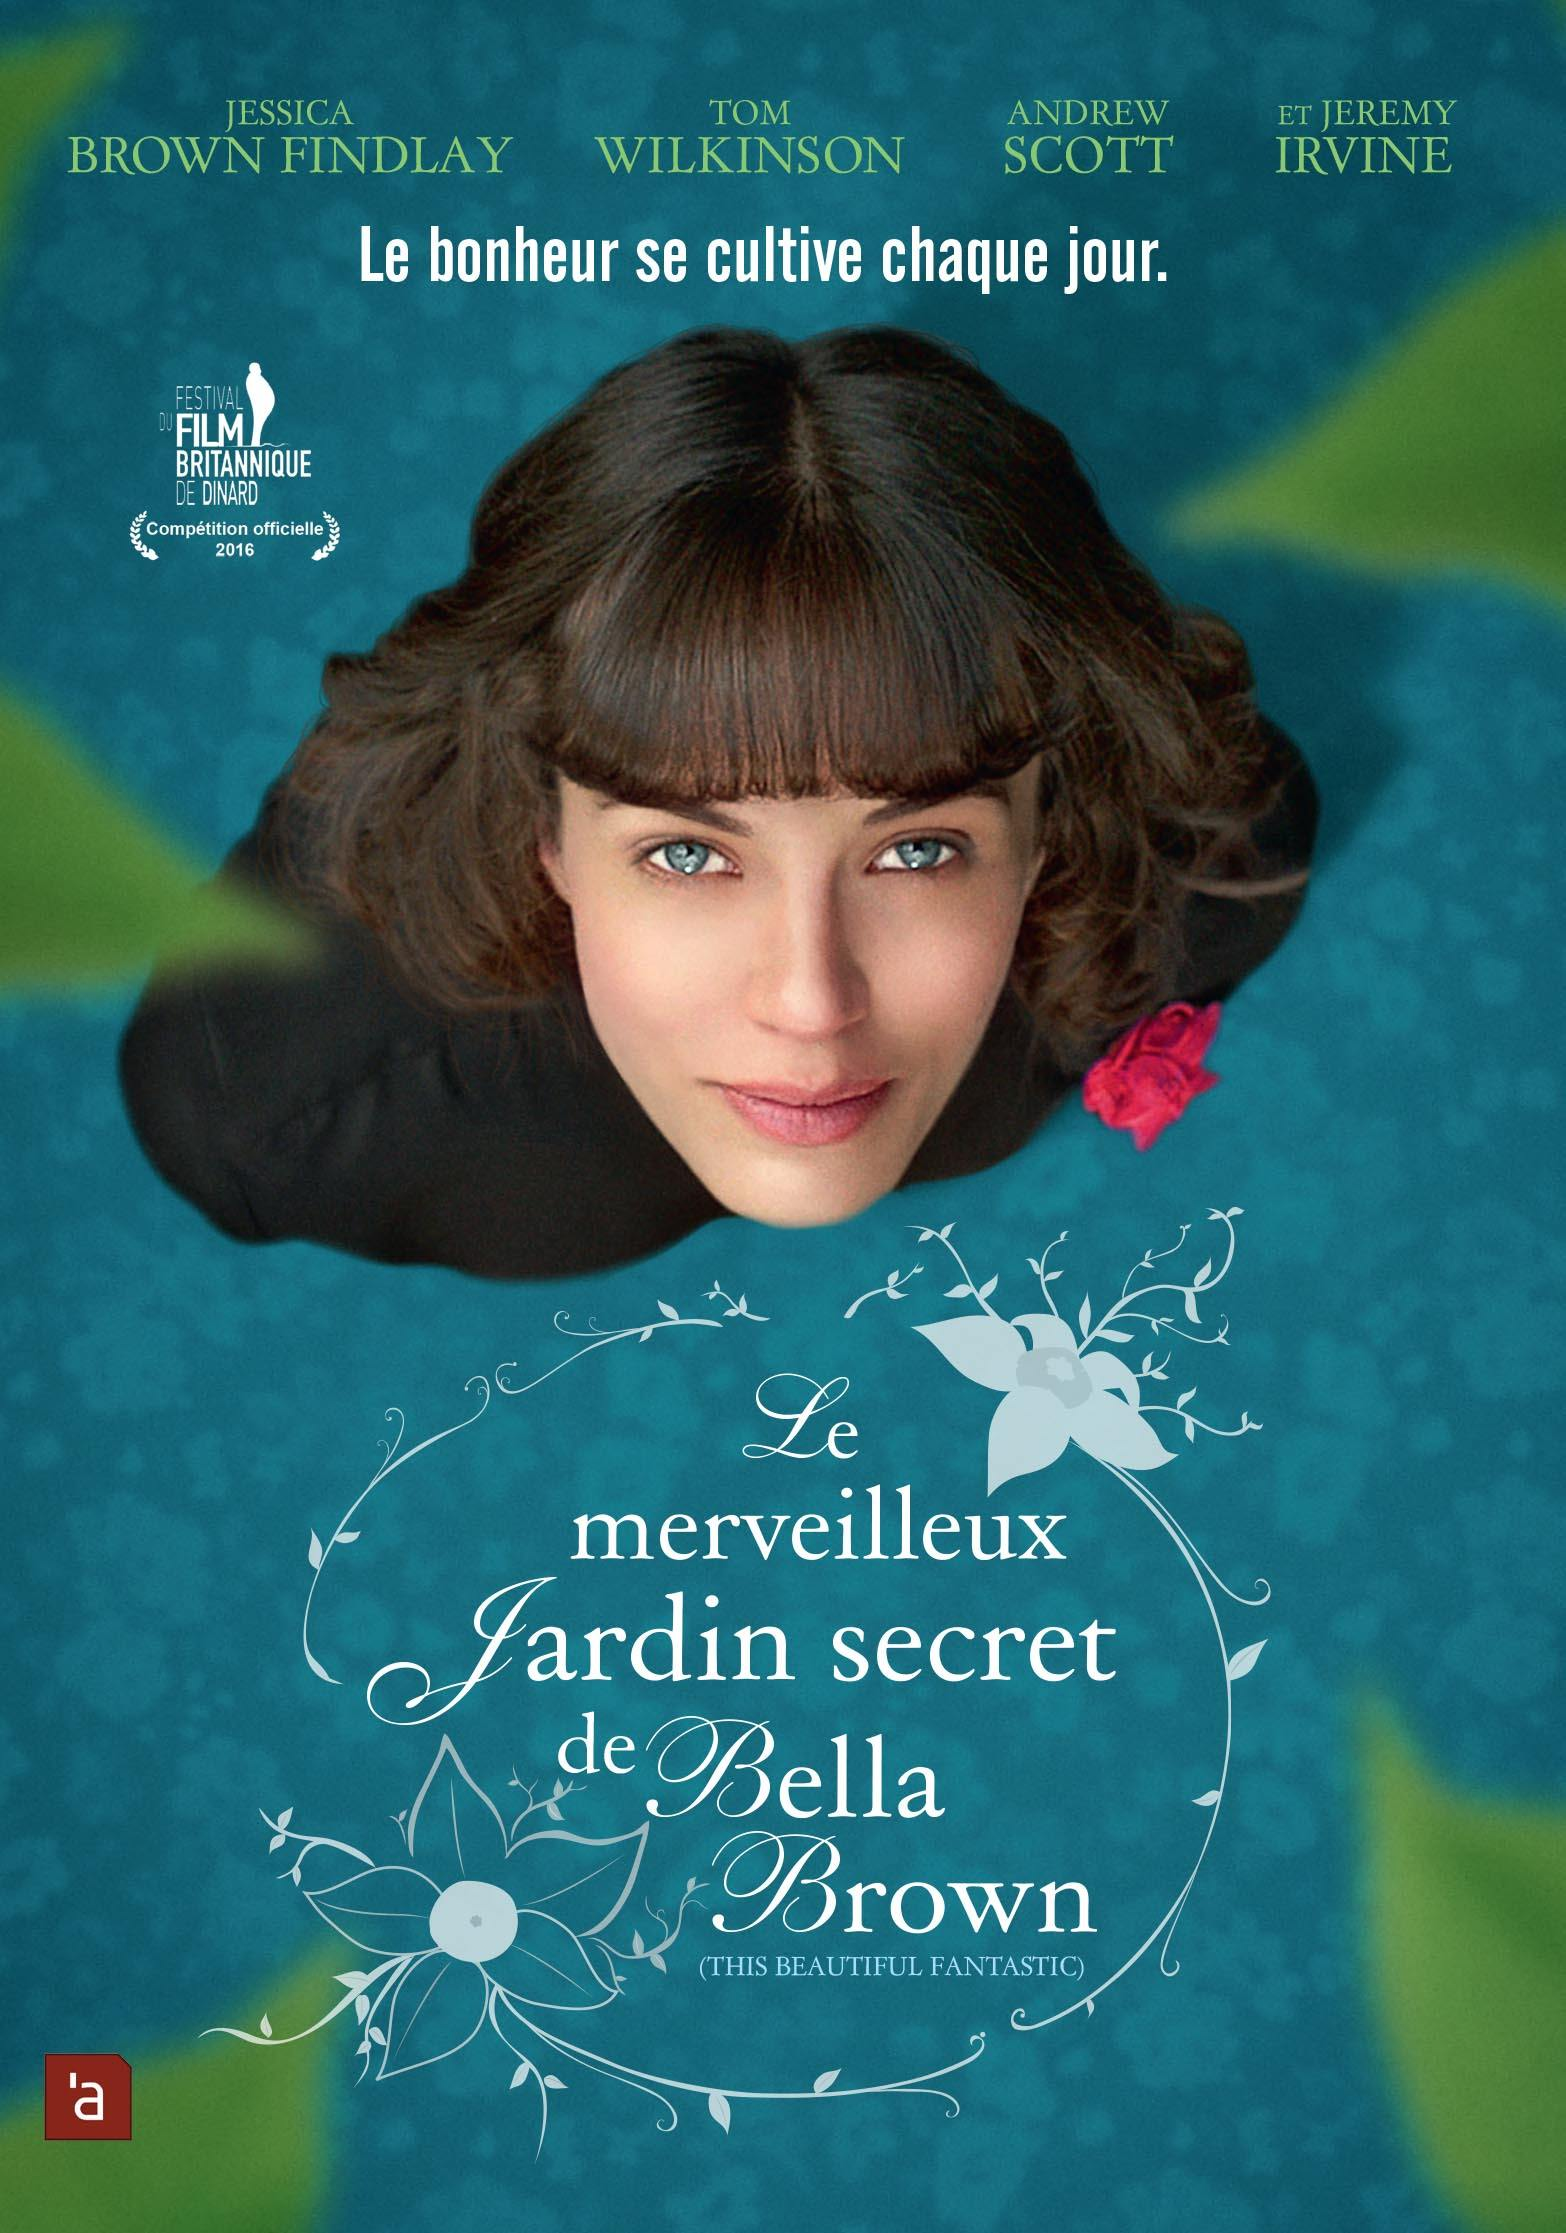 Merveilleux jardin secret de bella brown (le) - dvd